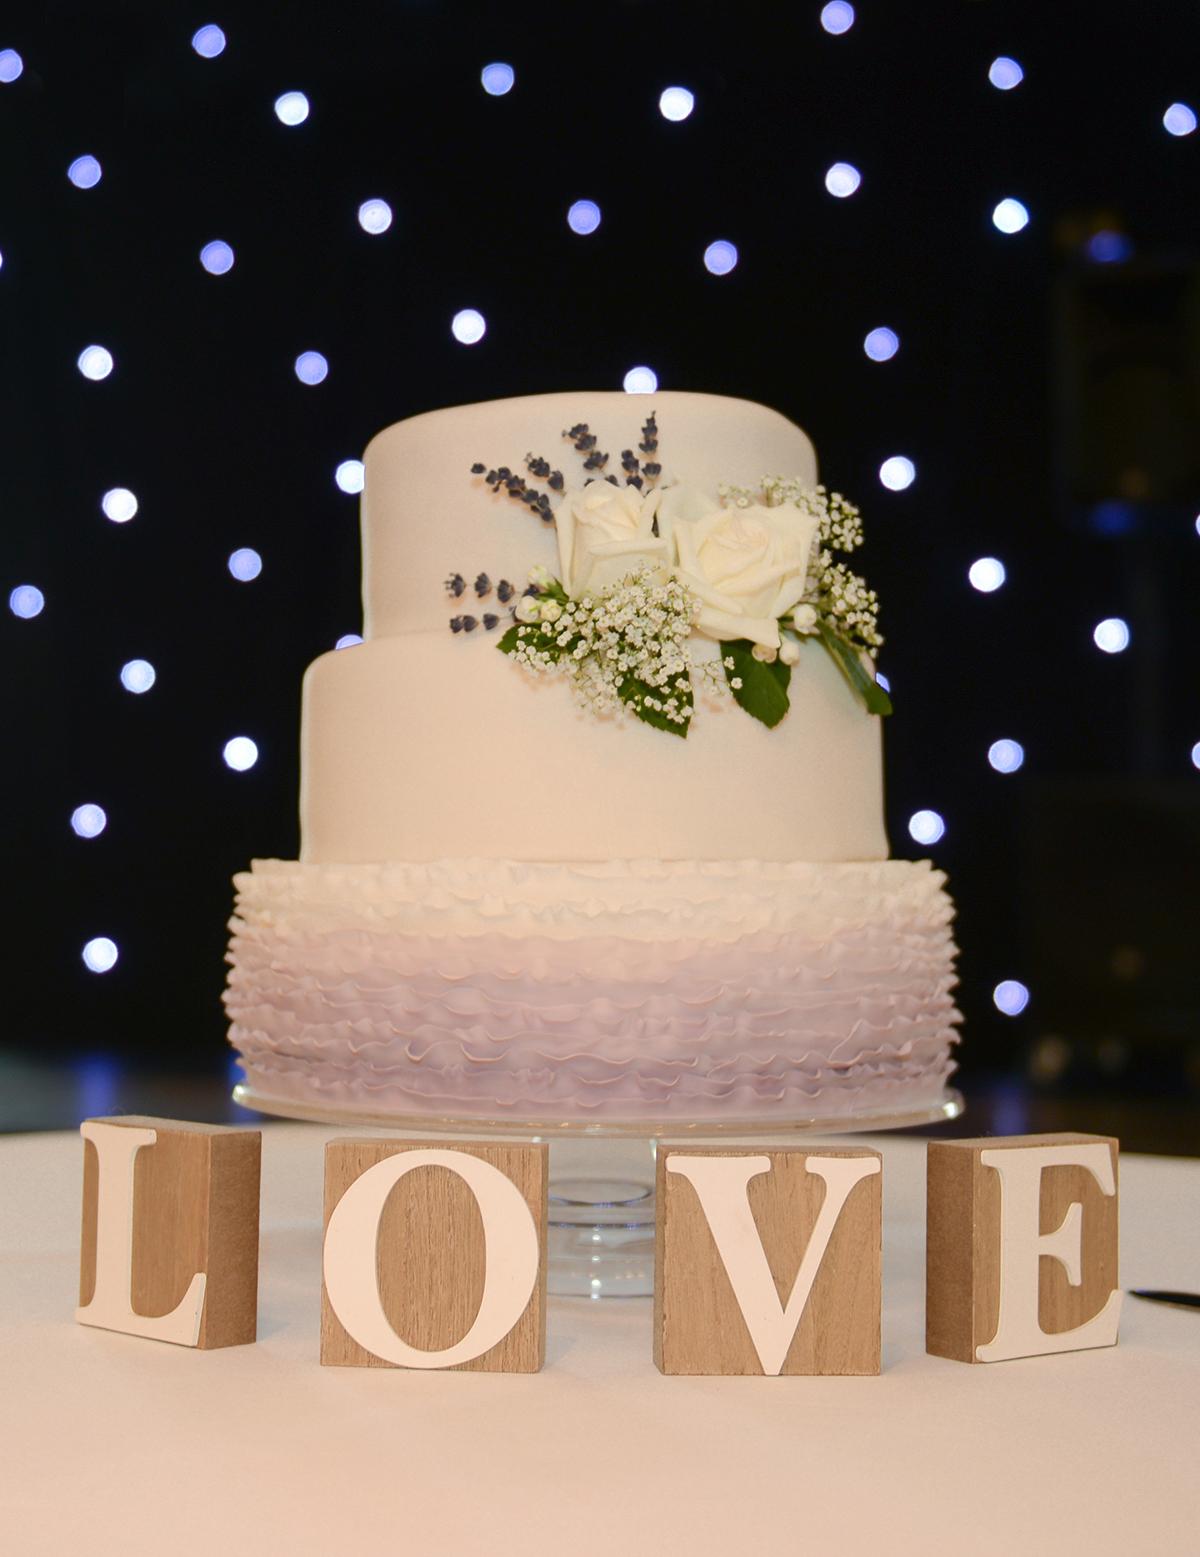 aviemore wedding cake